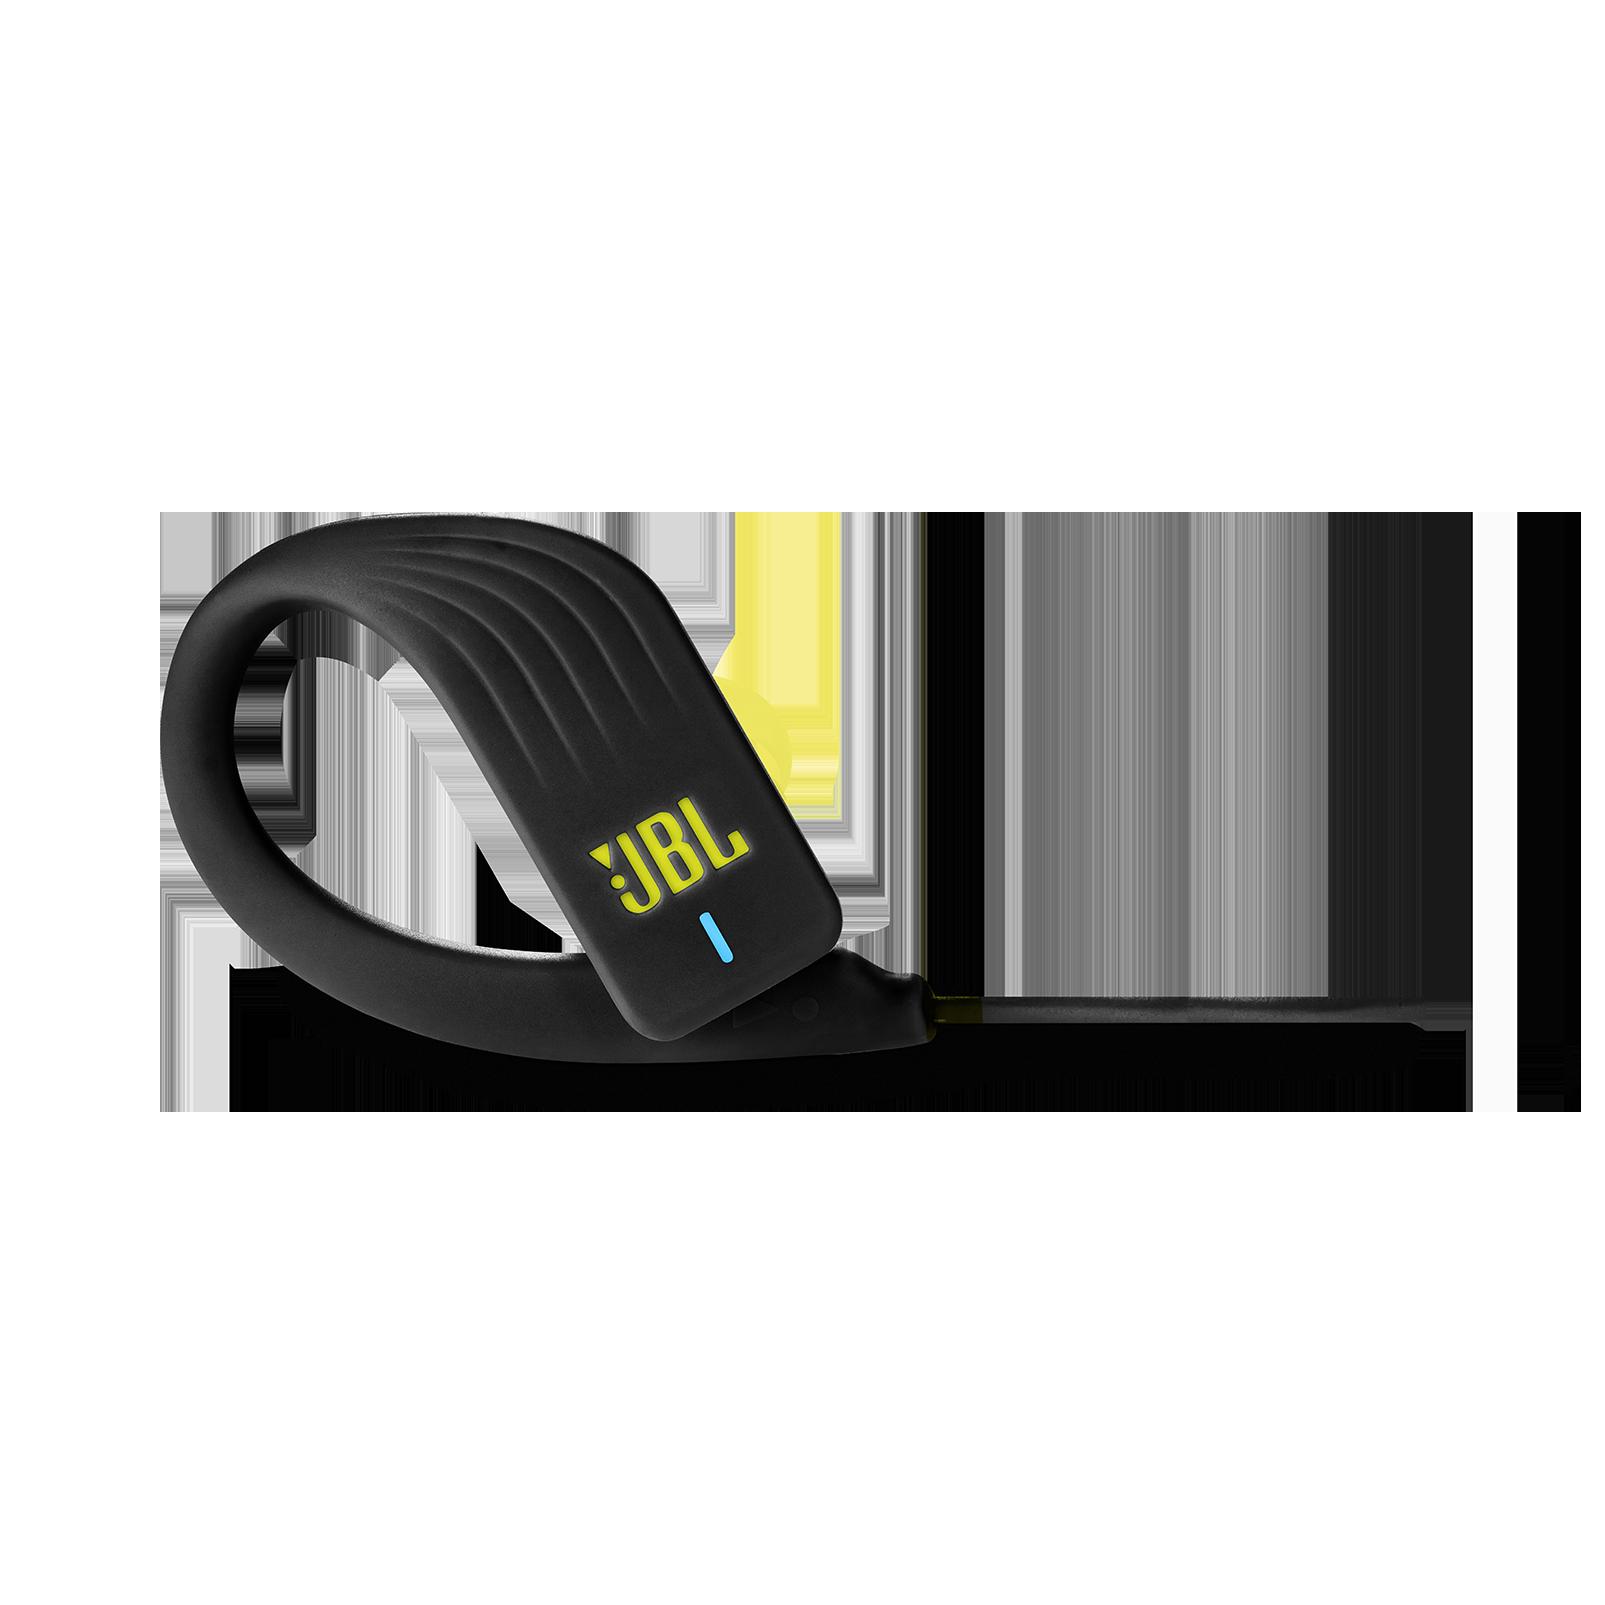 JBL Endurance SPRINT - Yellow - Waterproof Wireless In-Ear Sport Headphones - Detailshot 4